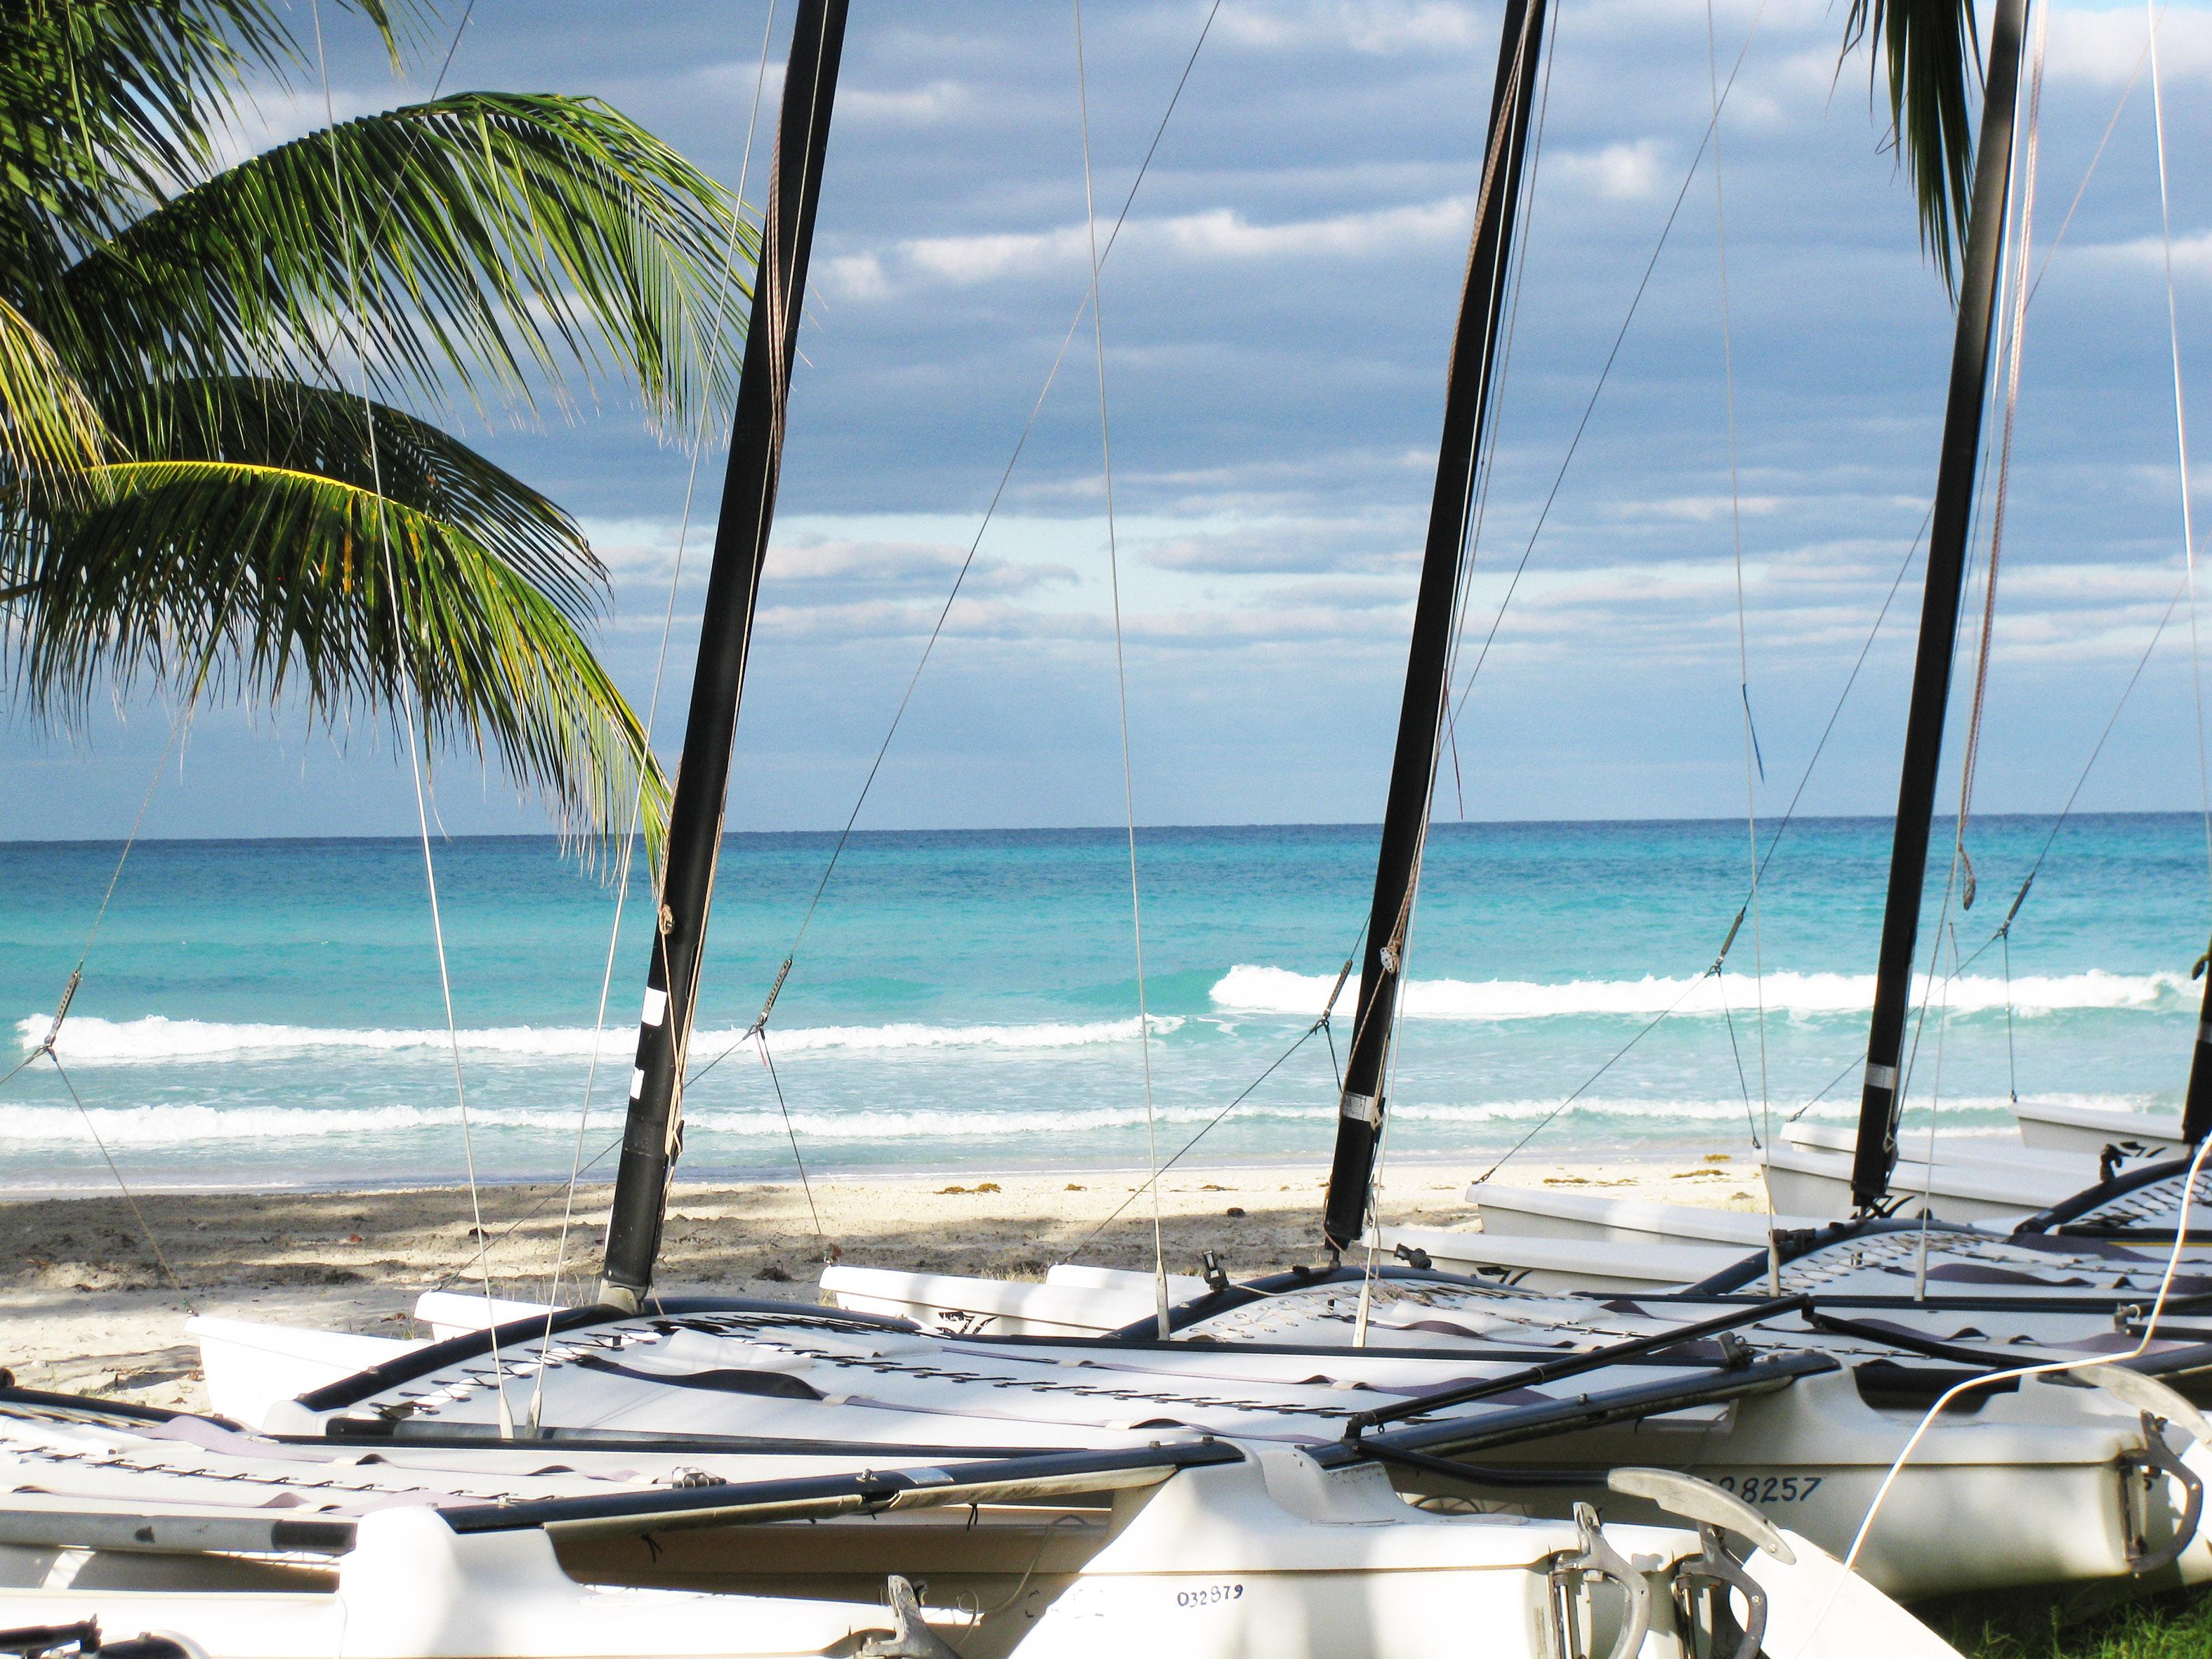 Katamarane auf Kuba, aufgebaut für die Gäste aus dem Ausland